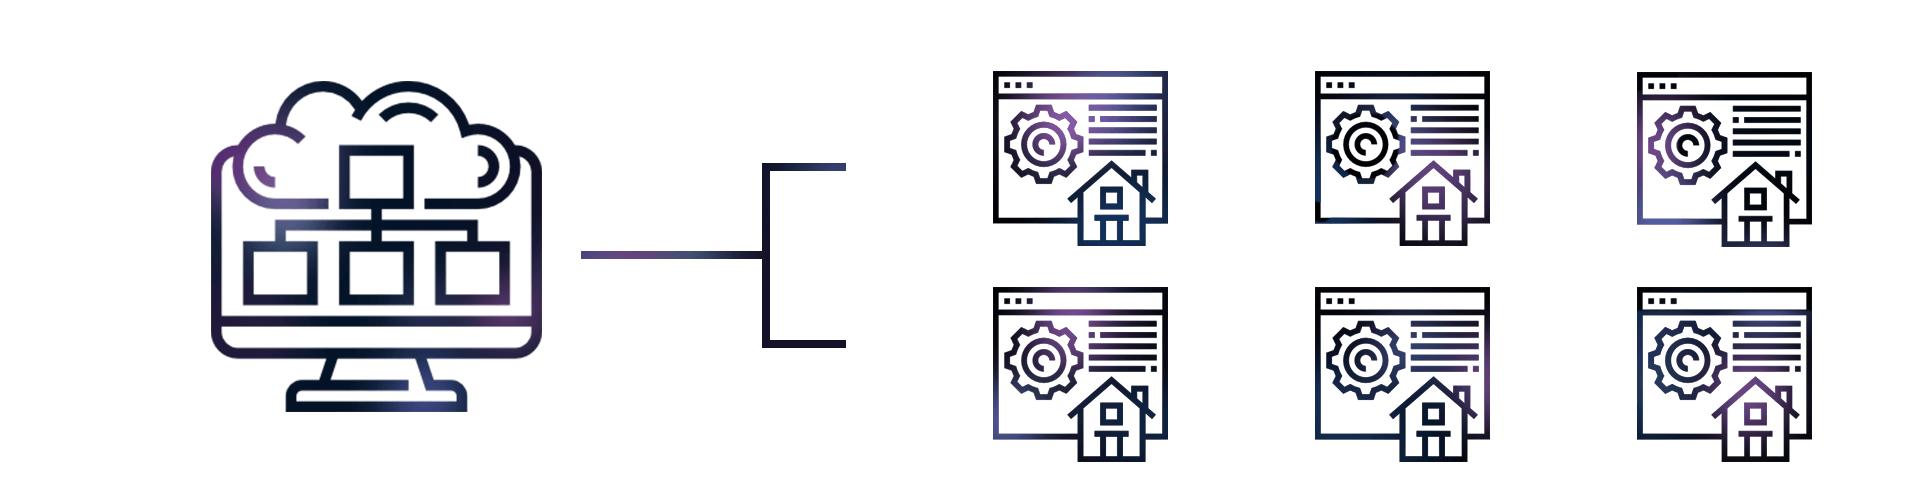 Como funciona a hospedagem compartilhada